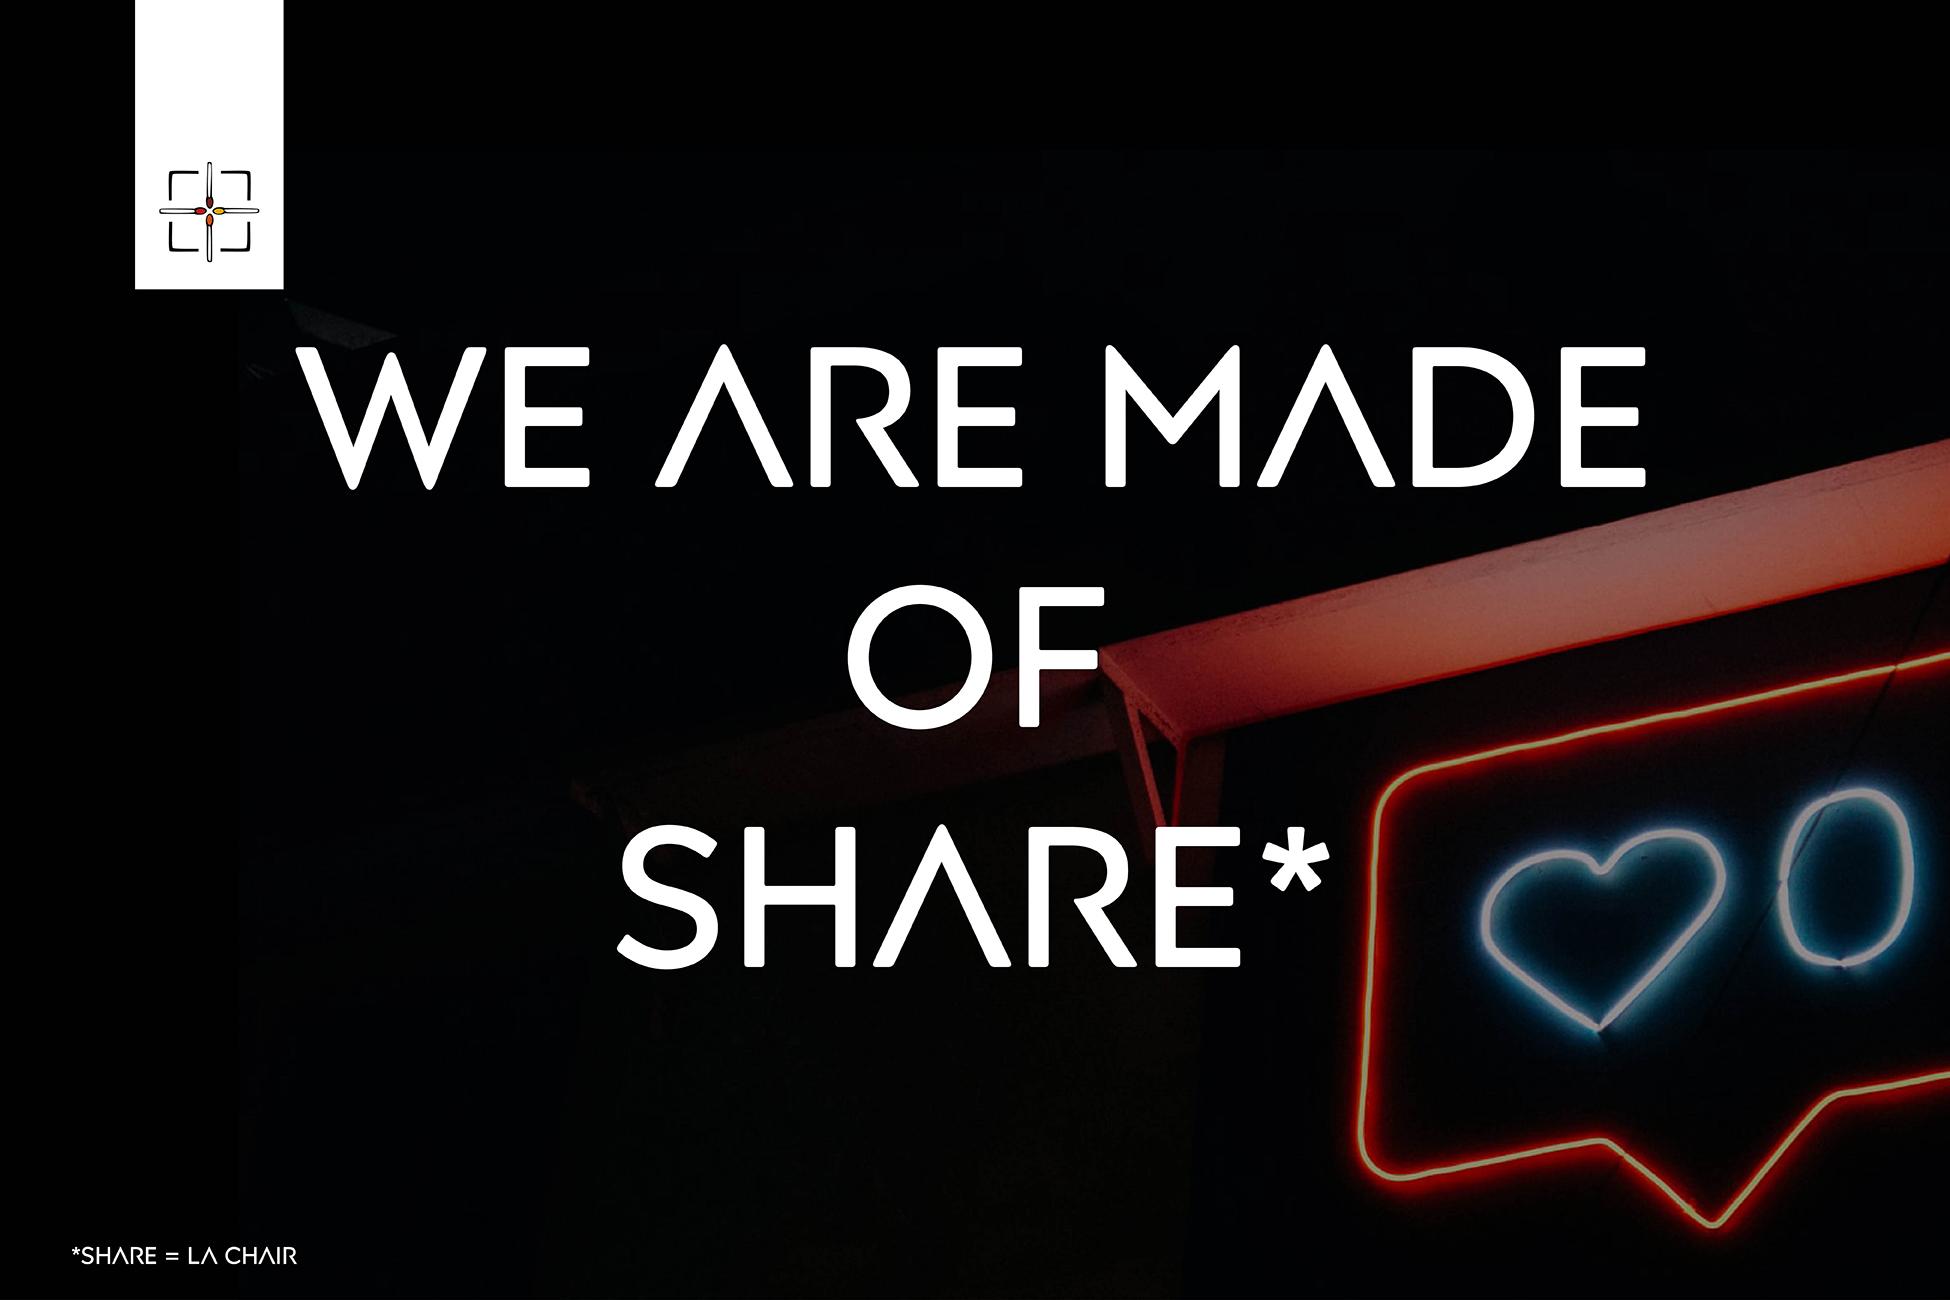 la-boite-d-allumettes-we-are-made-of-share-campagne-campaign-credit-unsplash